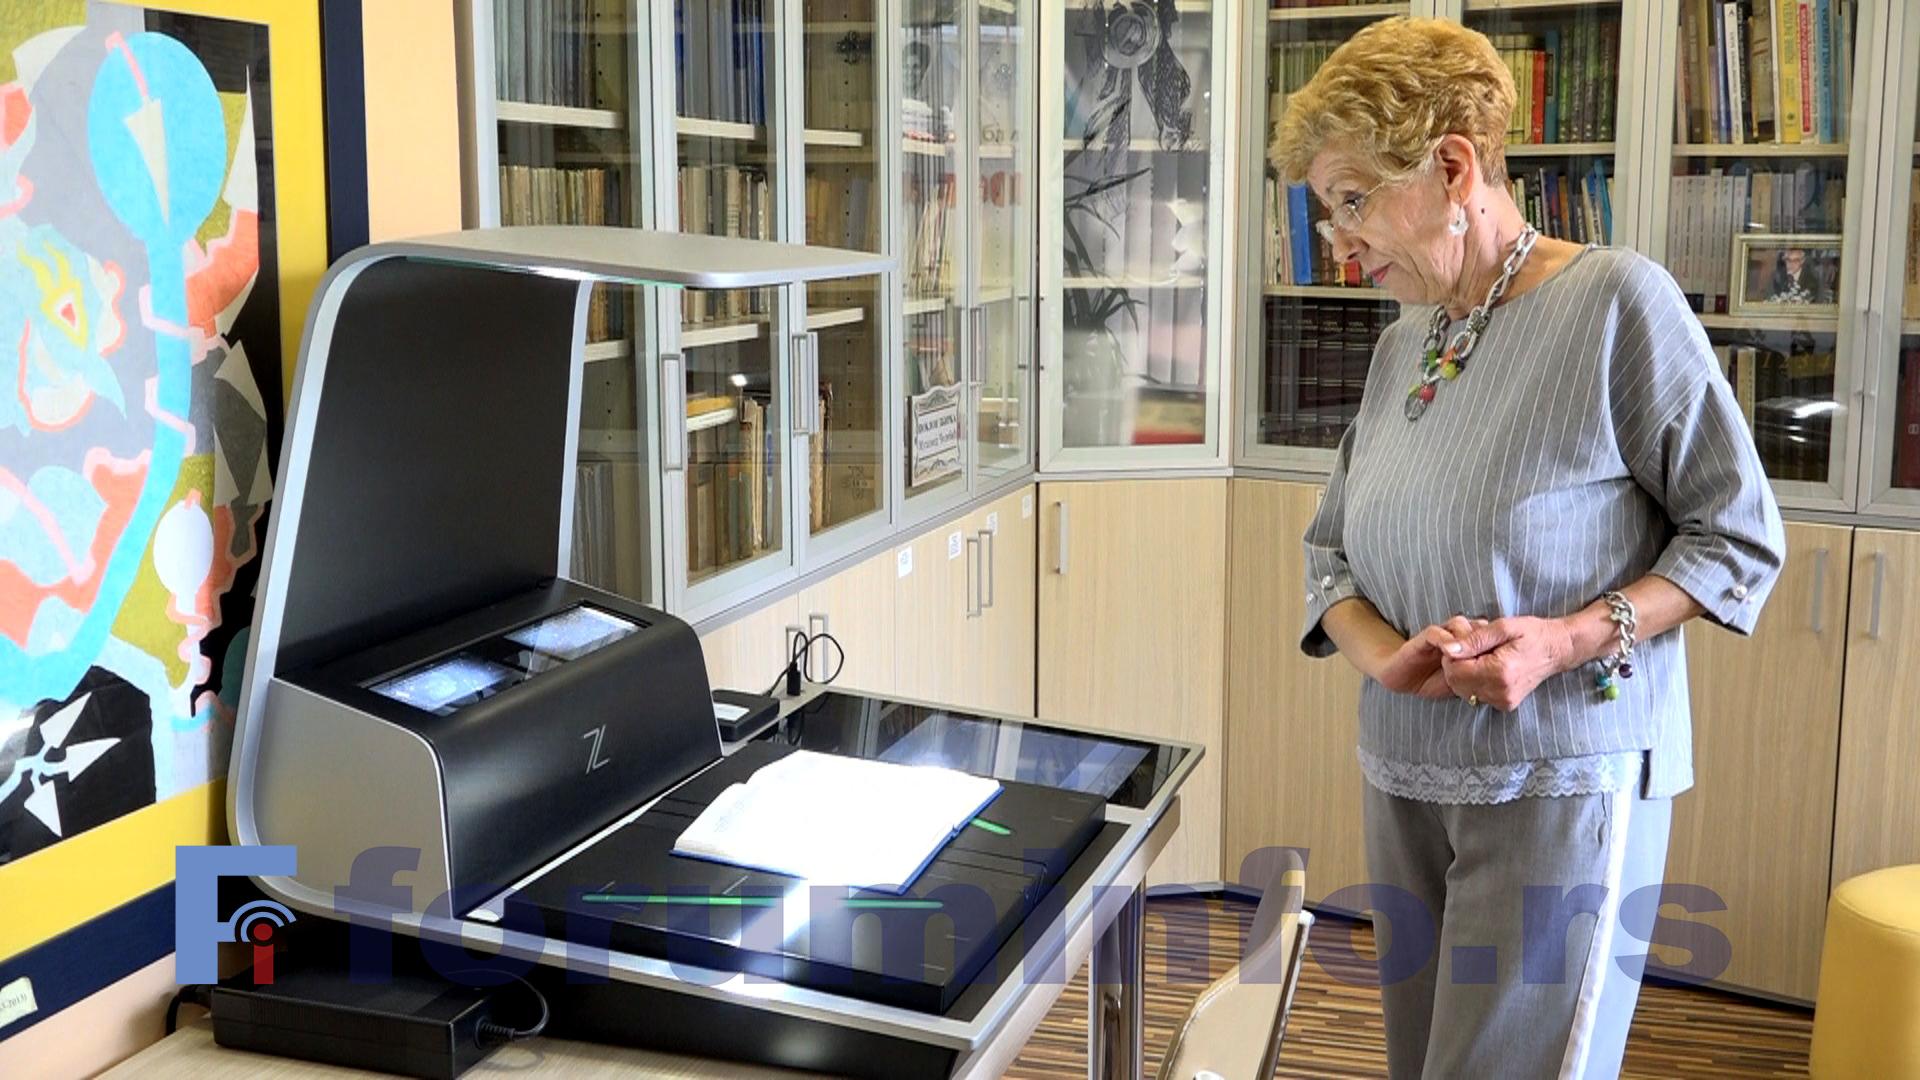 Око 80% грађе Завичајног одељења библиотеке Вук Караџић у Пријепољу доступно на Интернету